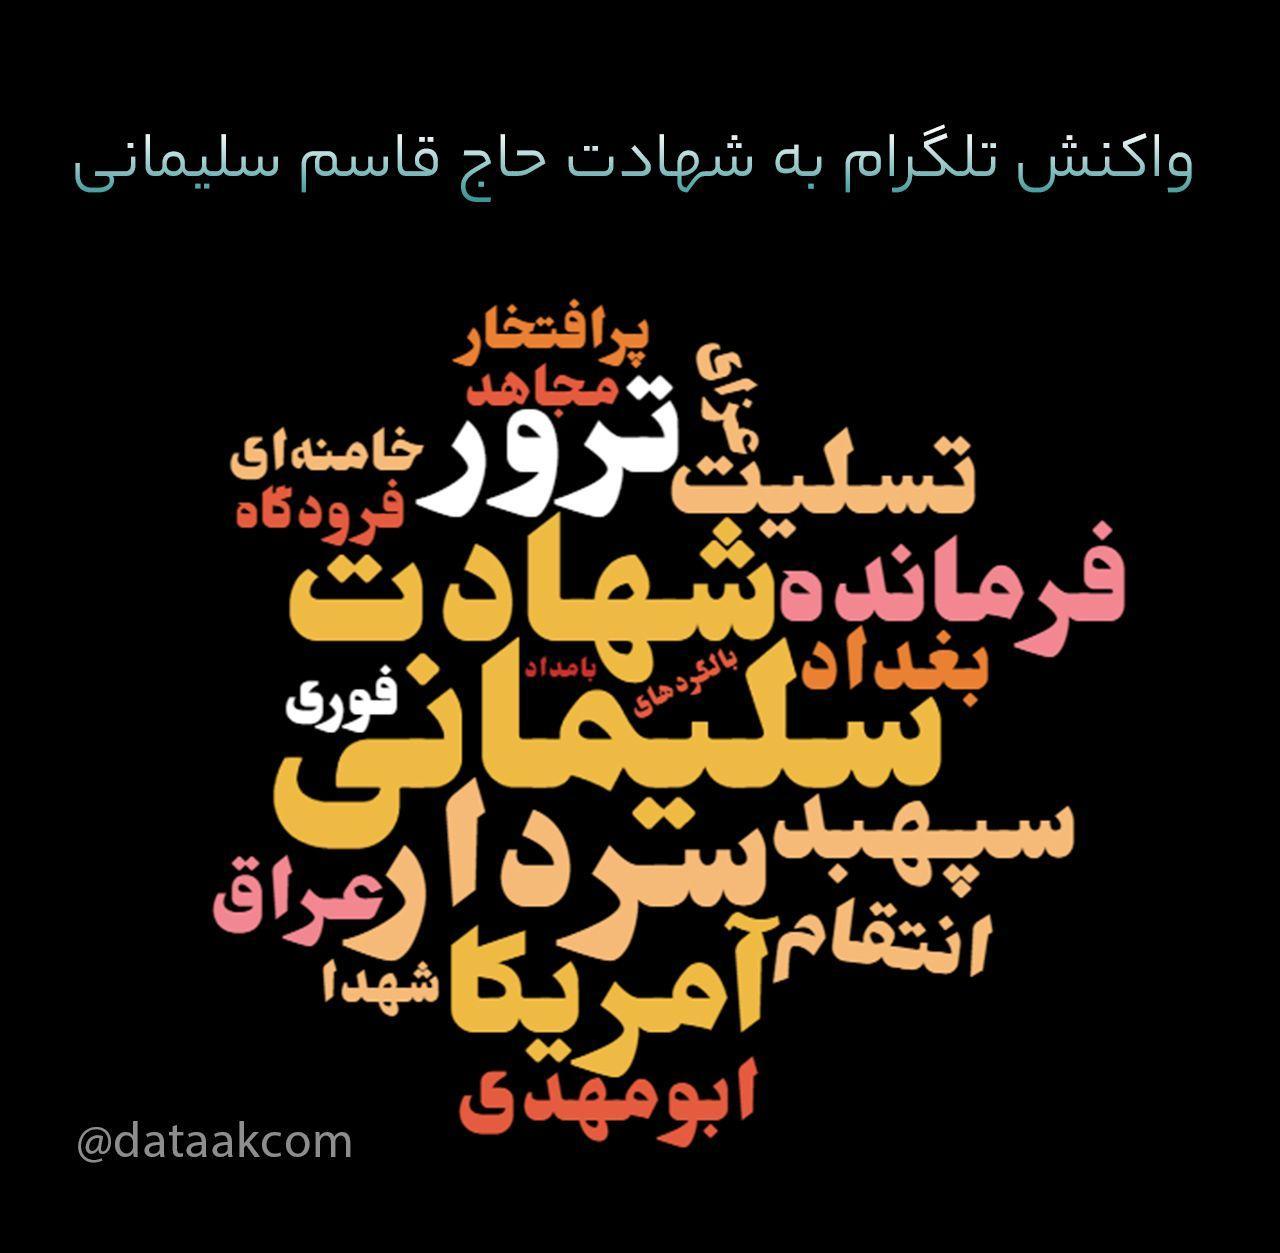 هشتگ تلگرام در شهادت حاج قاسم